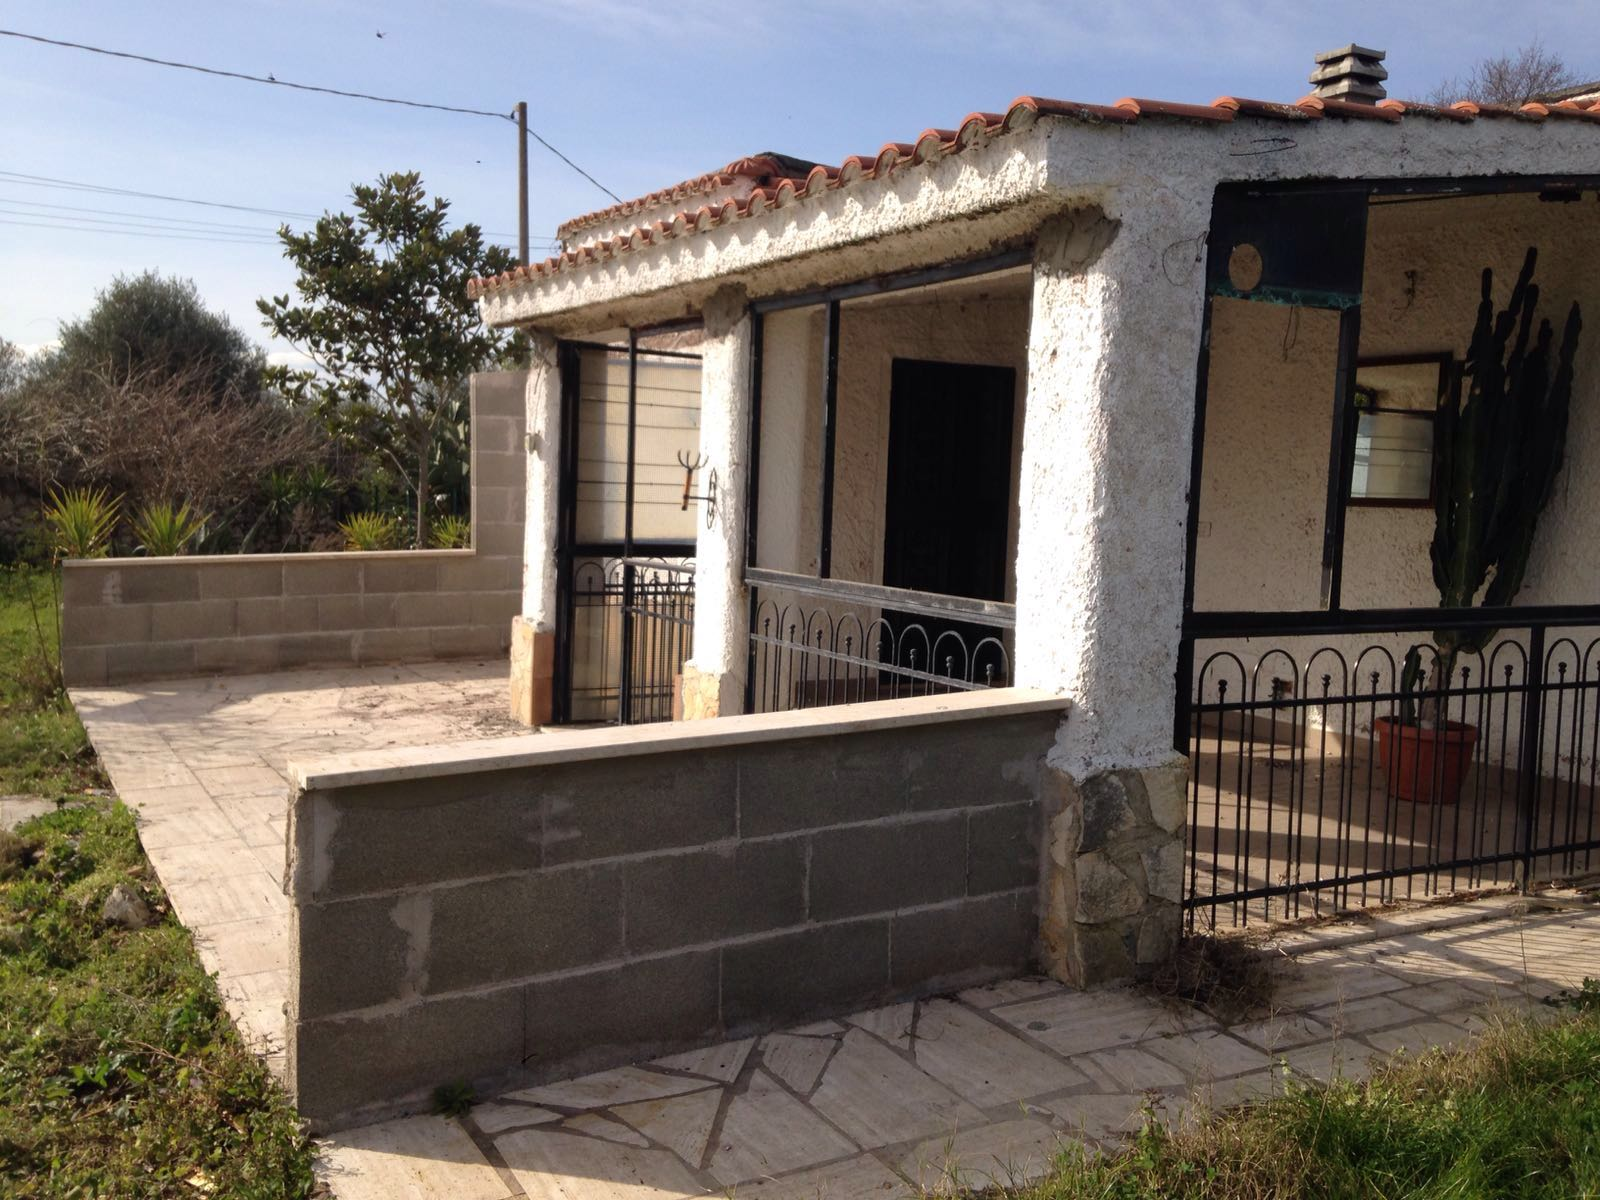 Soluzione Indipendente in vendita a Palombara Sabina, 3 locali, zona Località: Palombarese, prezzo € 120.000 | Cambio Casa.it